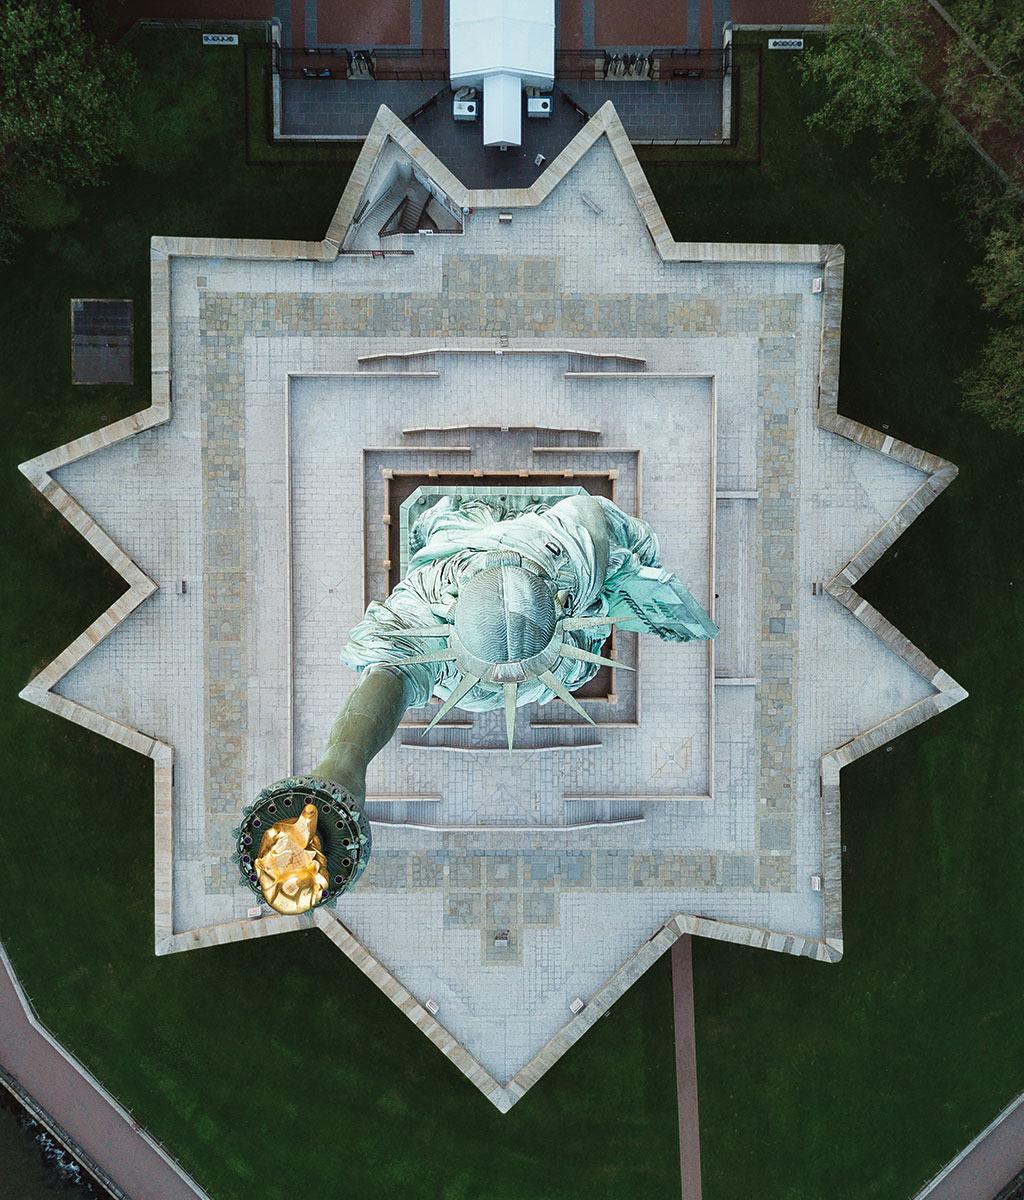 Фотограф снимает улицы Нью-Йорка с помощью дрона, и на это можно смотреть бесконечно (9 фото)